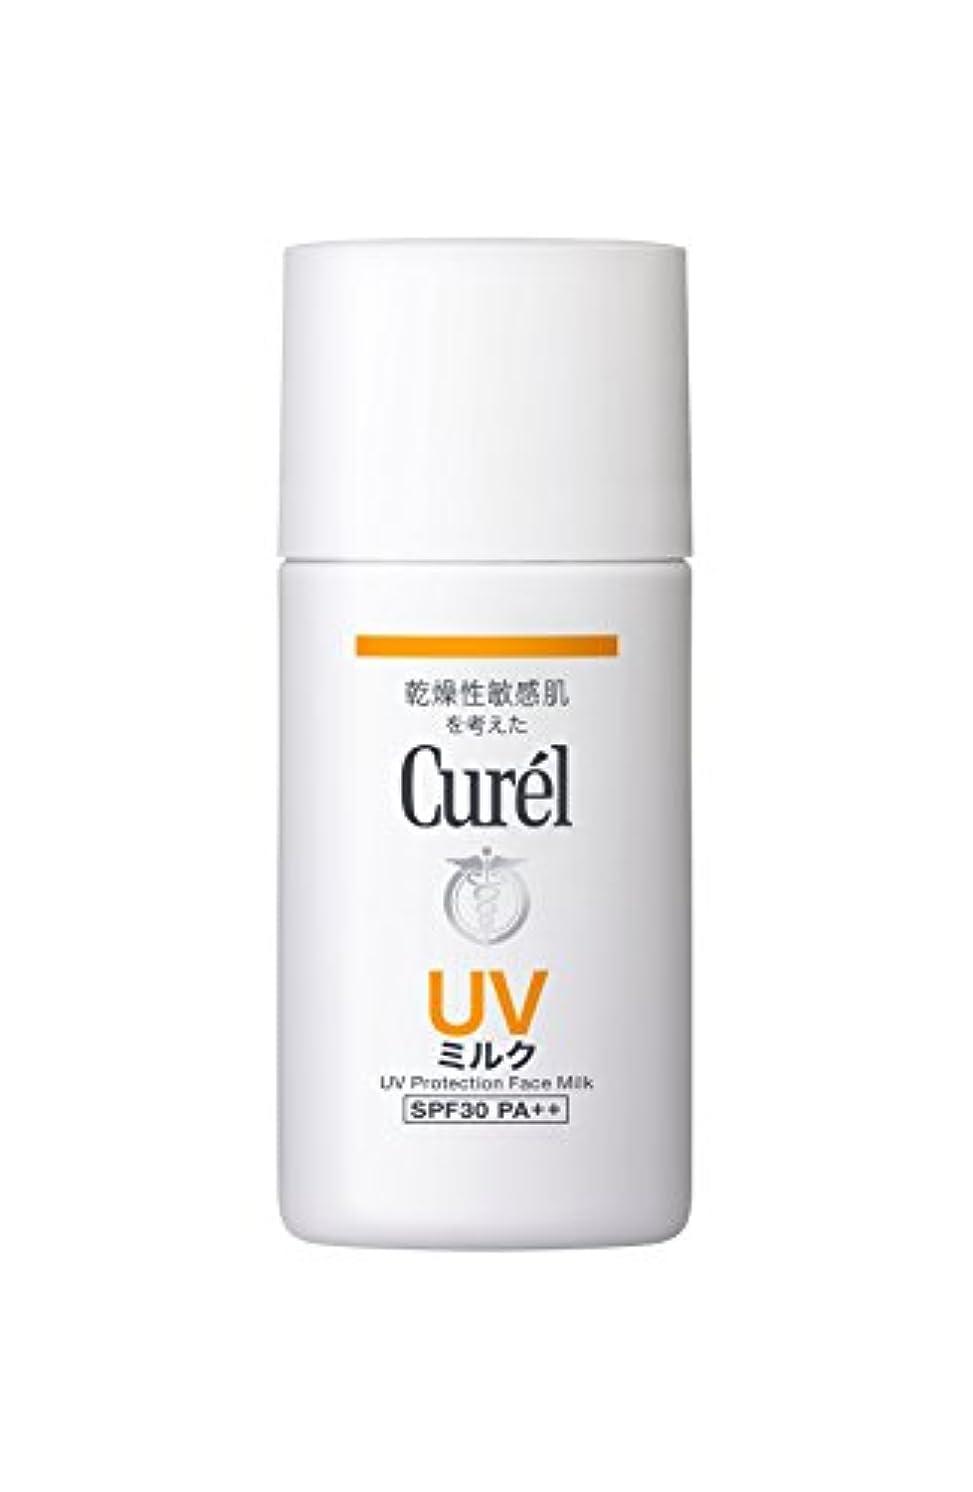 良い小さな魅了するキュレル UVミルク SPF30 PA++ 30ml